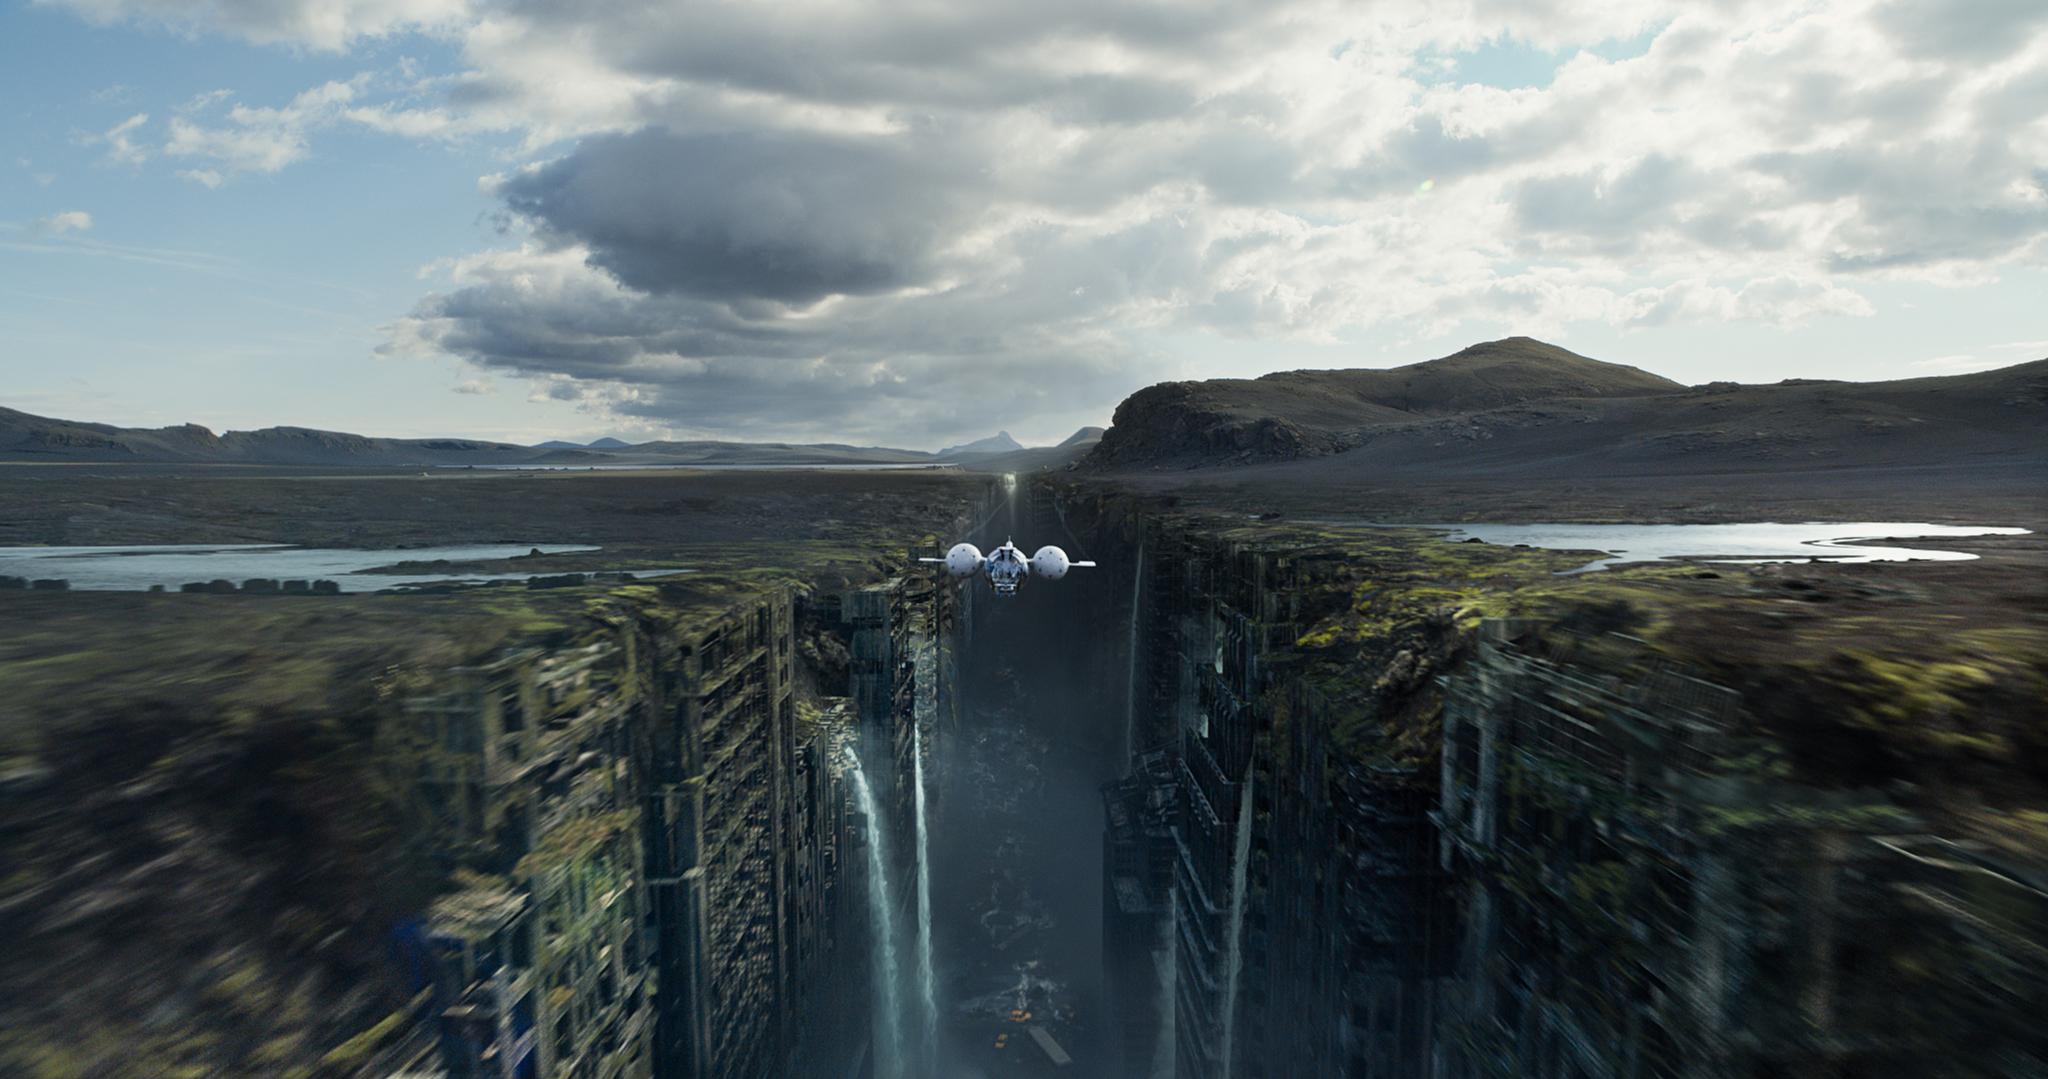 Oblivion : retour sur quelques secrets de la création des décors et des lieux de tournage.